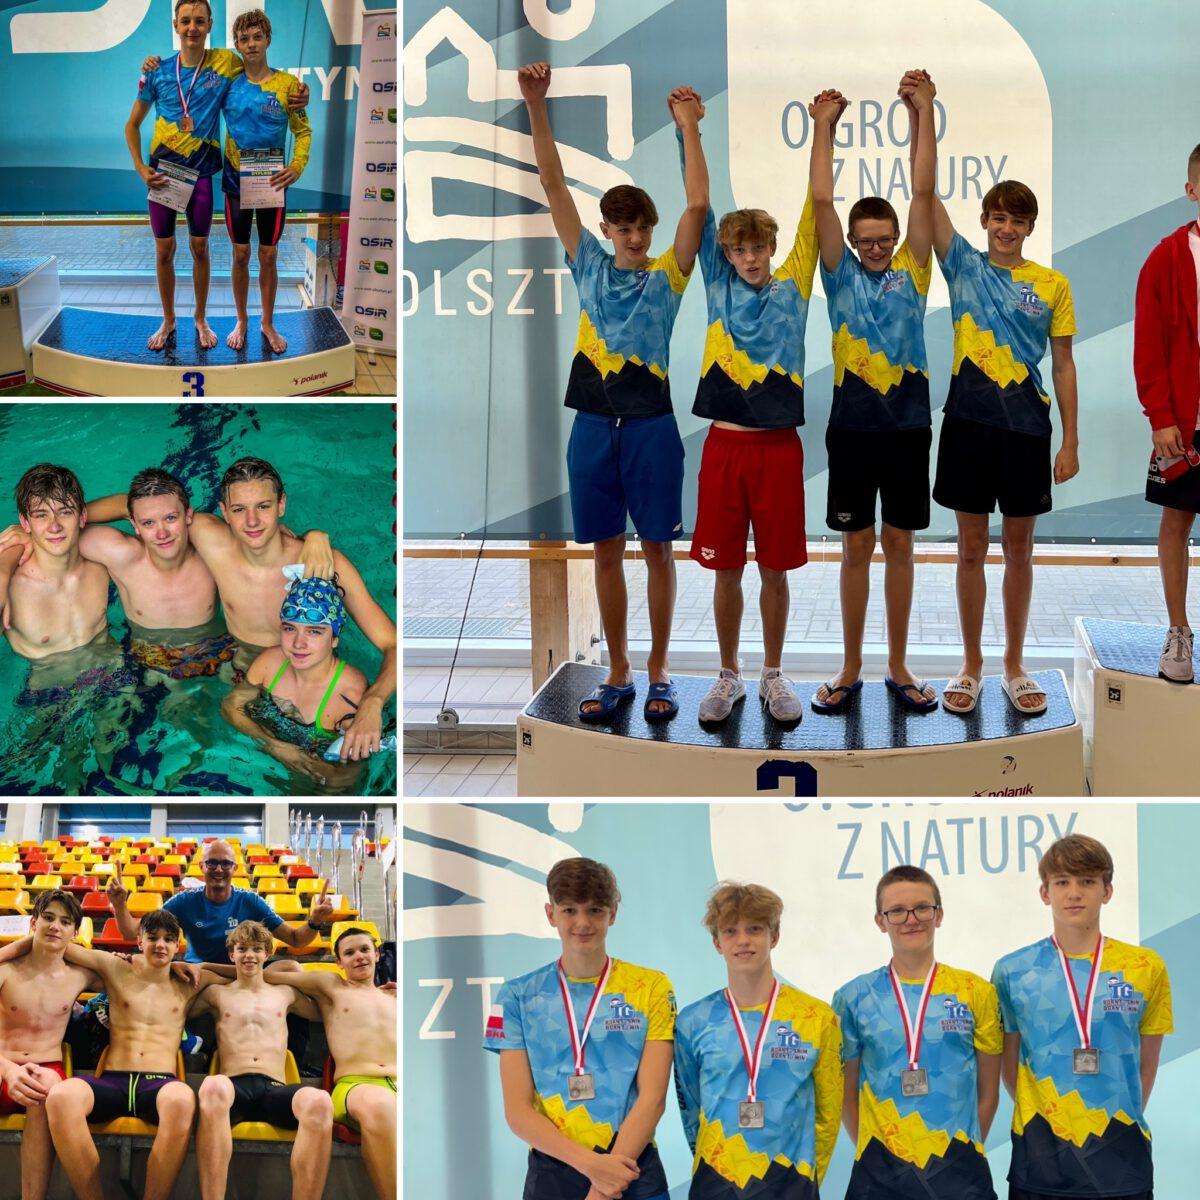 Czterech pływaków w sportowych strojach kolaż pięciu zdjęć